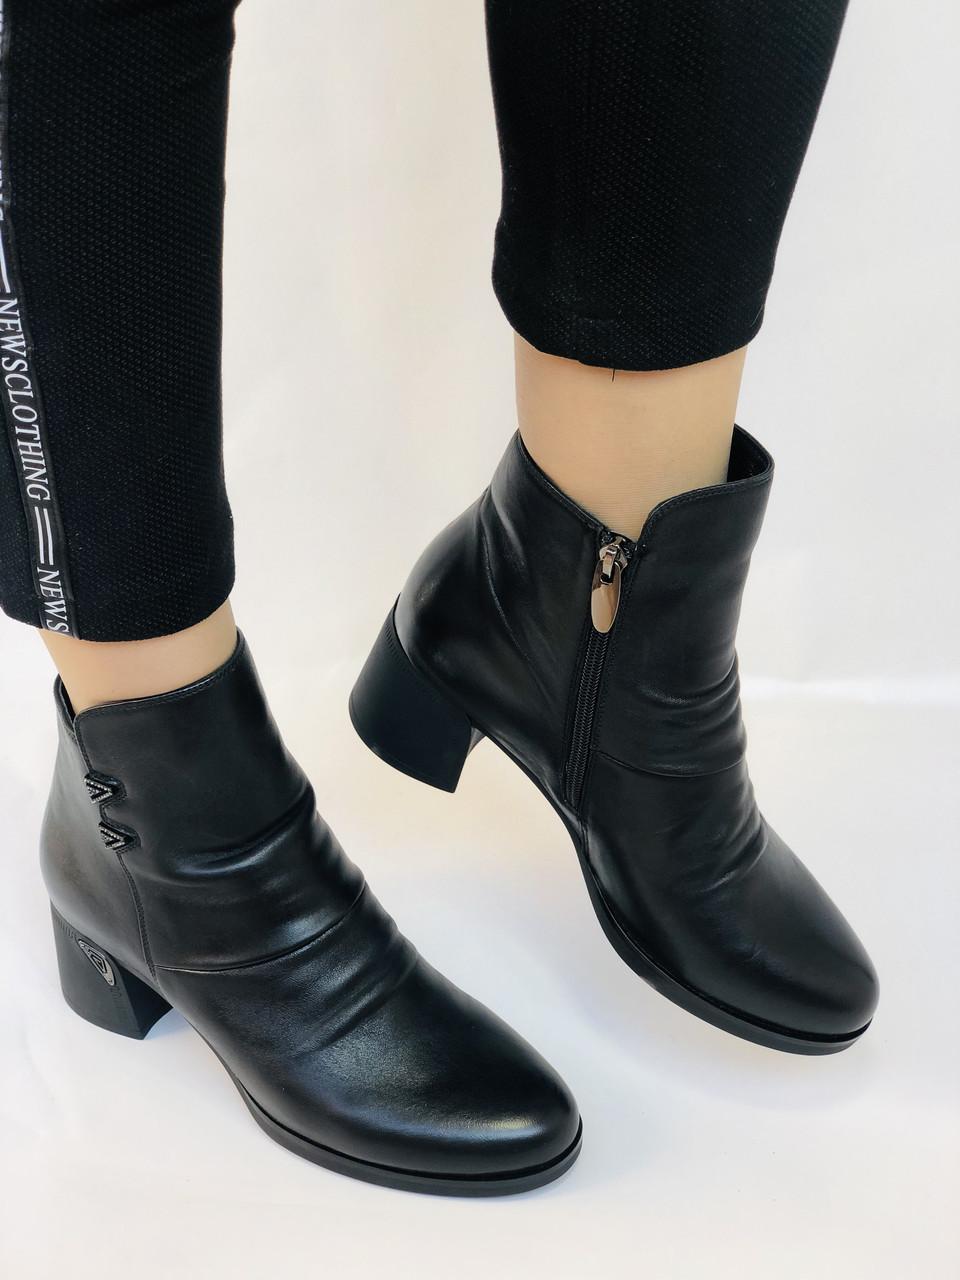 Жіночі черевики. На середньому каблуці. Натуральна шкіра. Люкс якість. Polann. Р. 36.37.40. Vellena